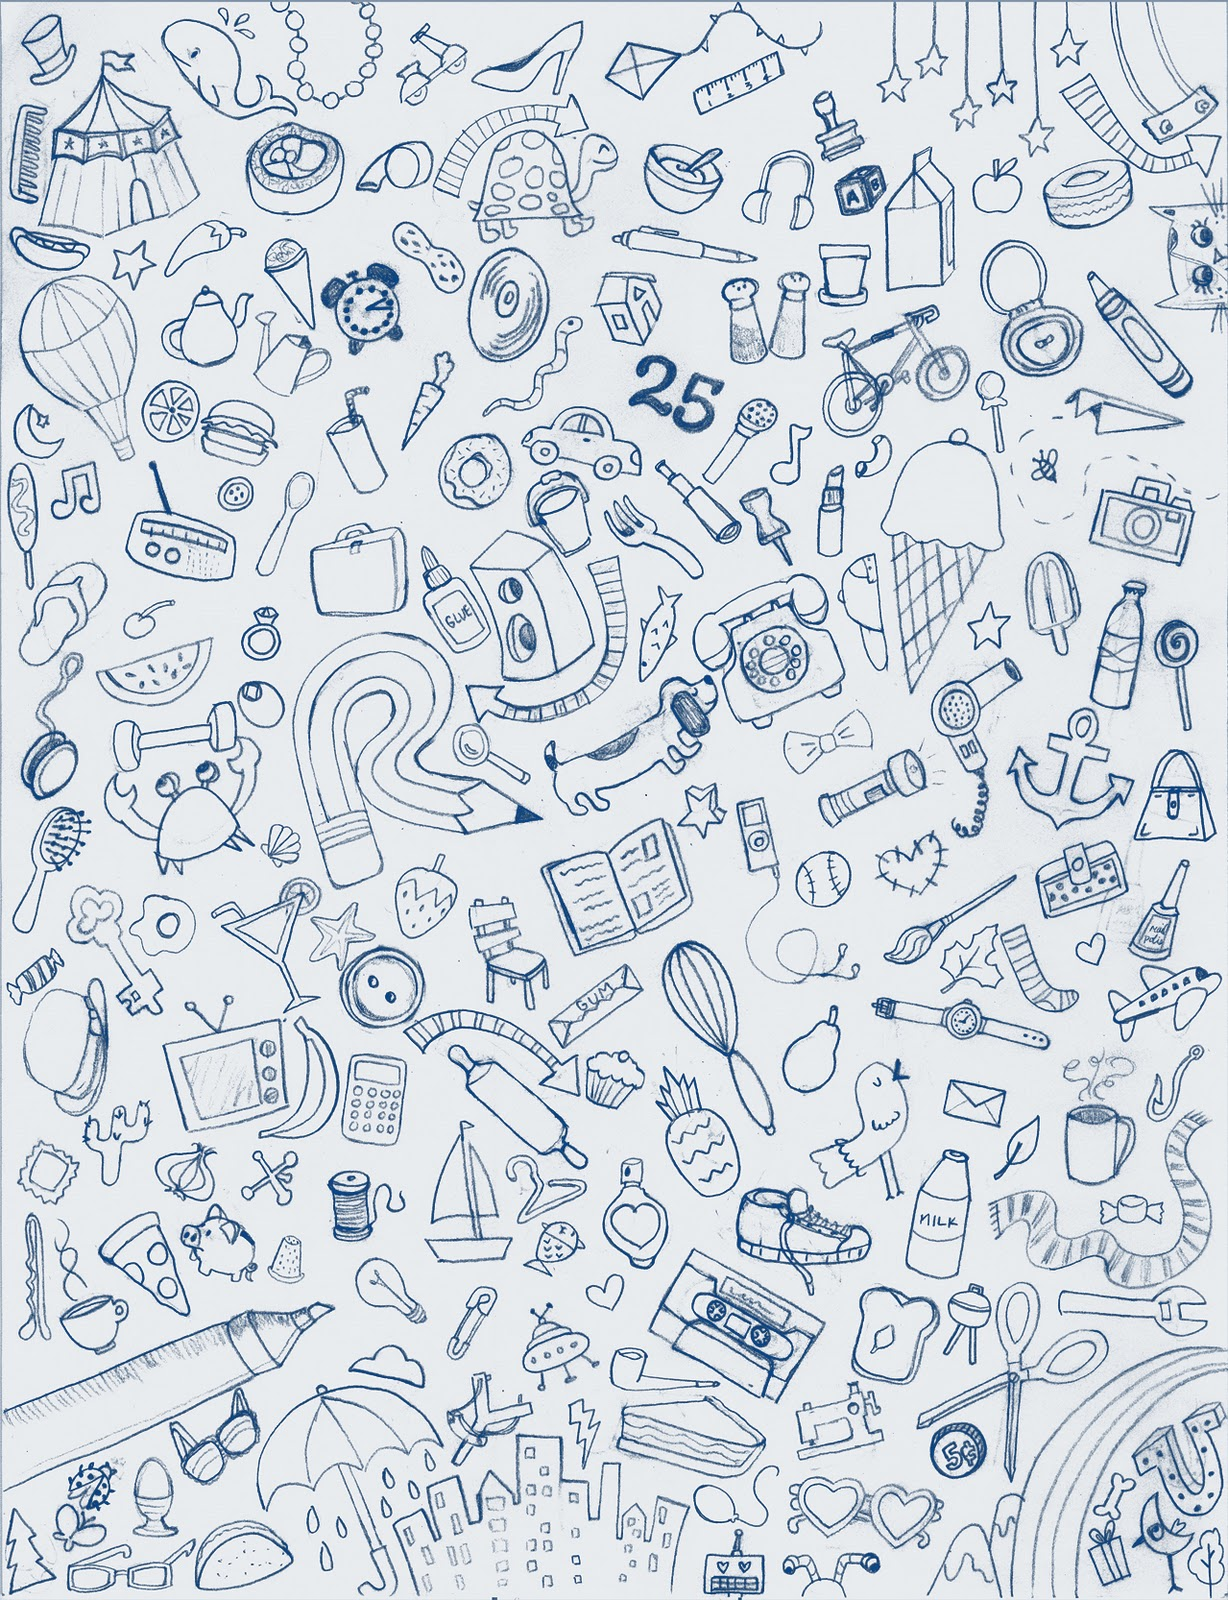 doodle for s doodle juli 235 t kuipers doodle letter s letter doodle doodle letter s doodle. Black Bedroom Furniture Sets. Home Design Ideas